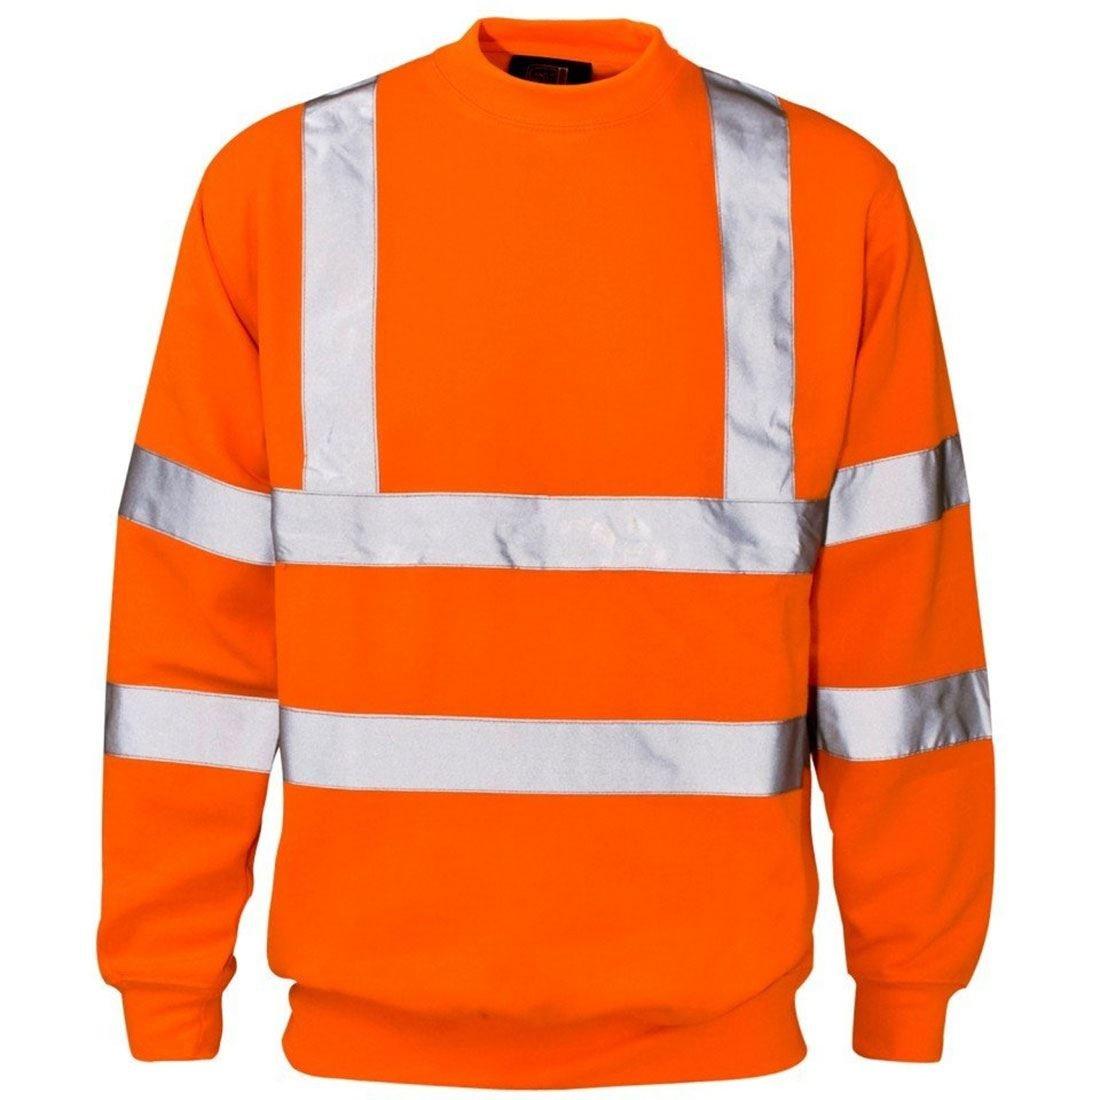 Mens Long Sleeve Hi Vis Sweatshirt with Ribbed Hem Neck Adults Work Wear Top Orange Large